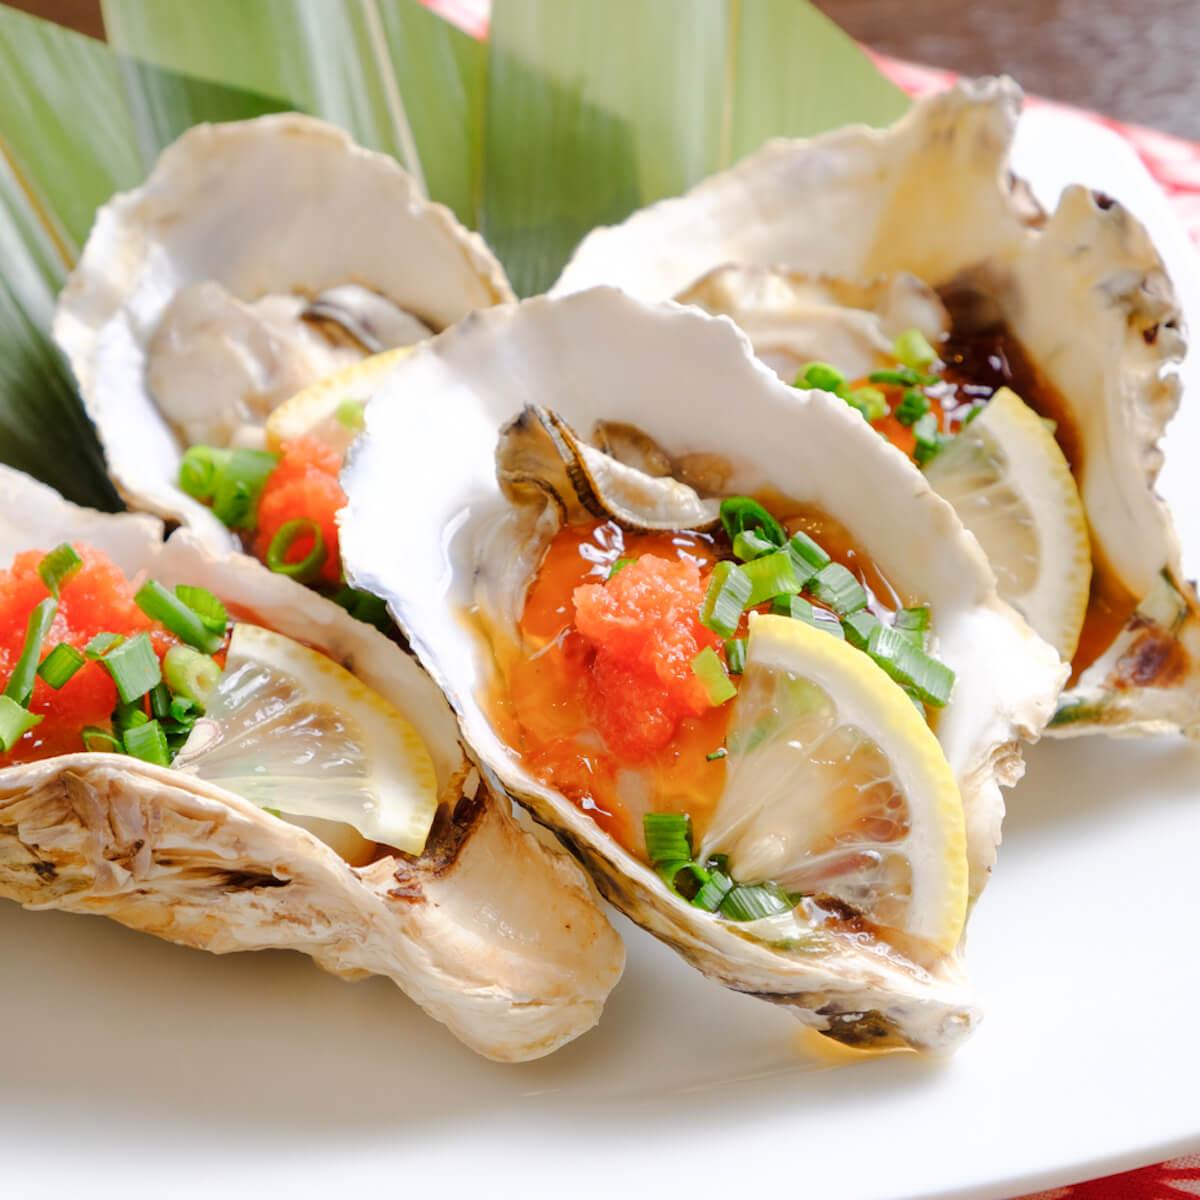 牡蠣好きのための「牡蠣尽くしコース」で牡蠣鍋!牡蠣の湯引き!お刺身!カキフライ! gourmet181214-oyster-2